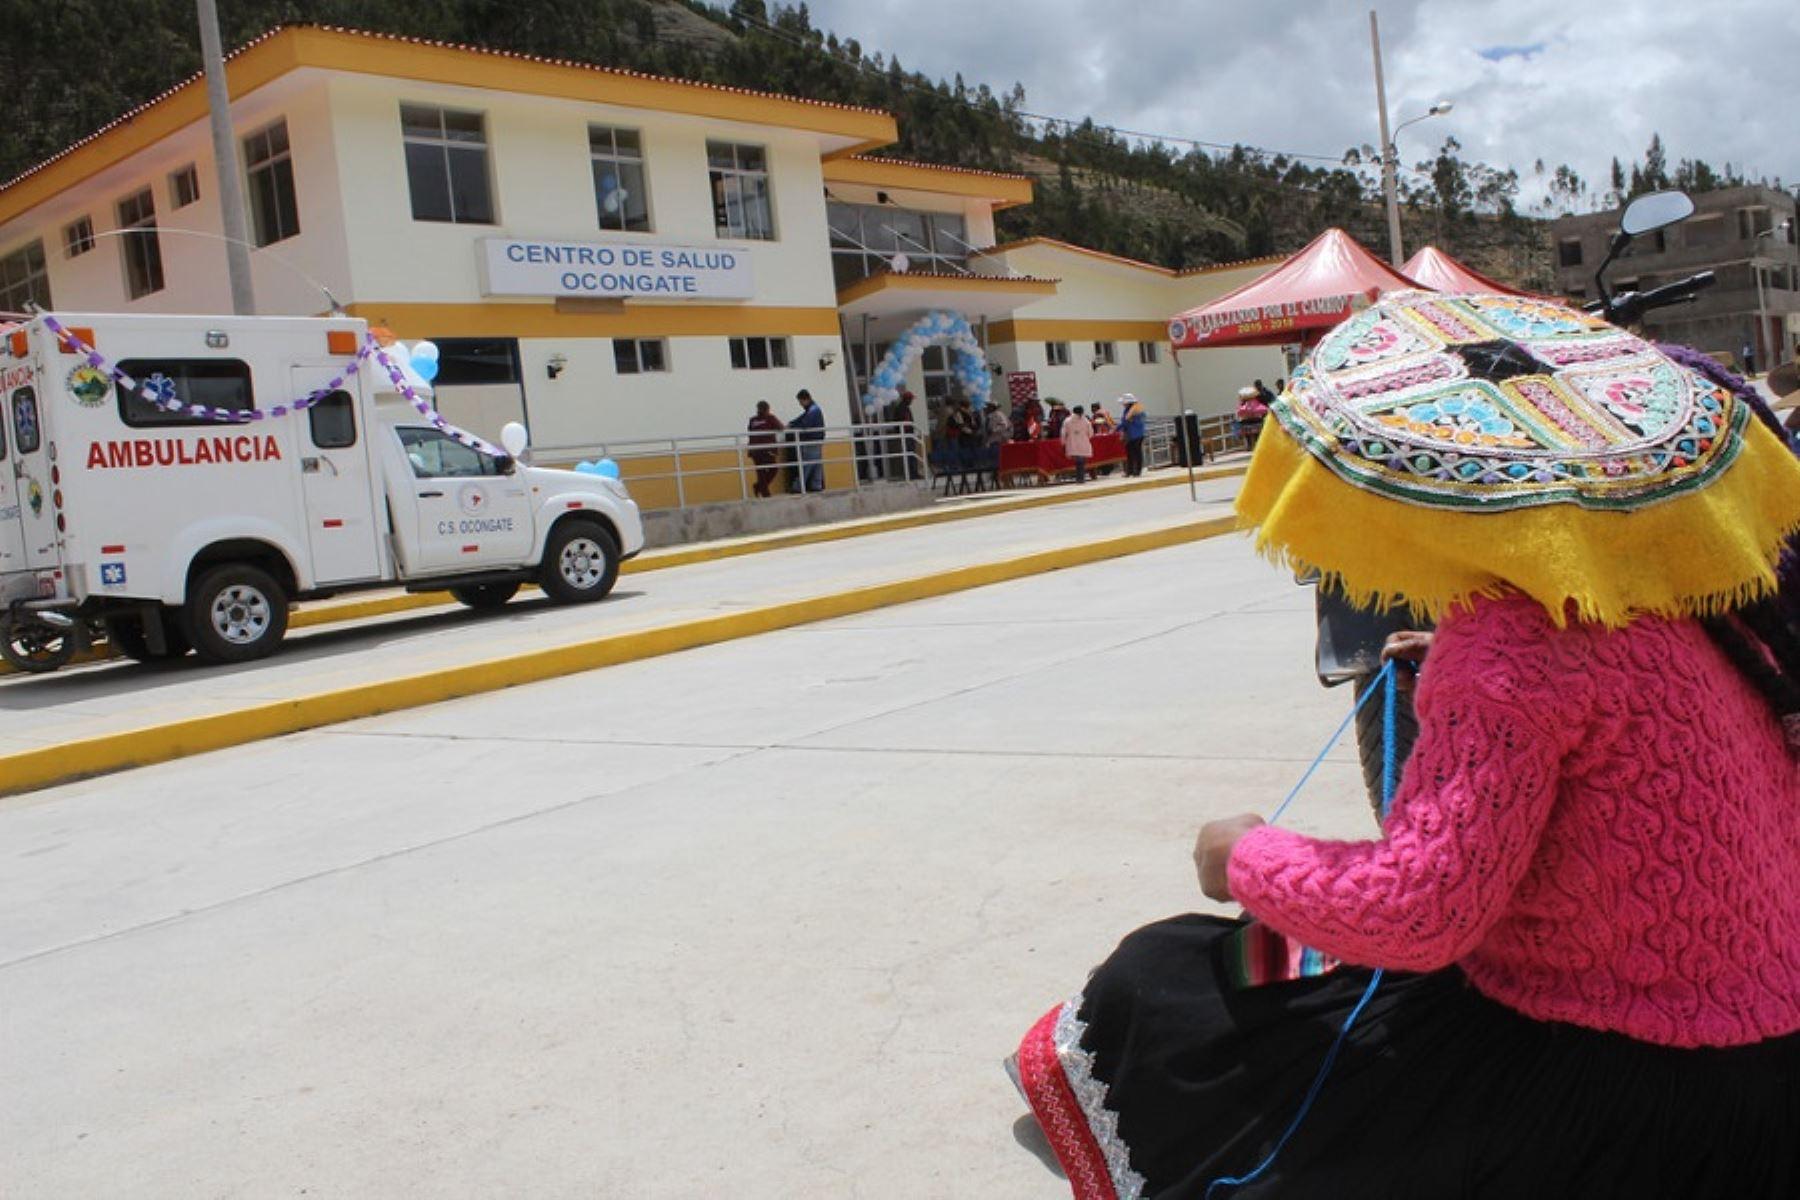 Diresa Cusco se declarará en alerta por visita del Papa Francisco a Puerto Maldonado. ANDINA/Percy Hurtado Santillán